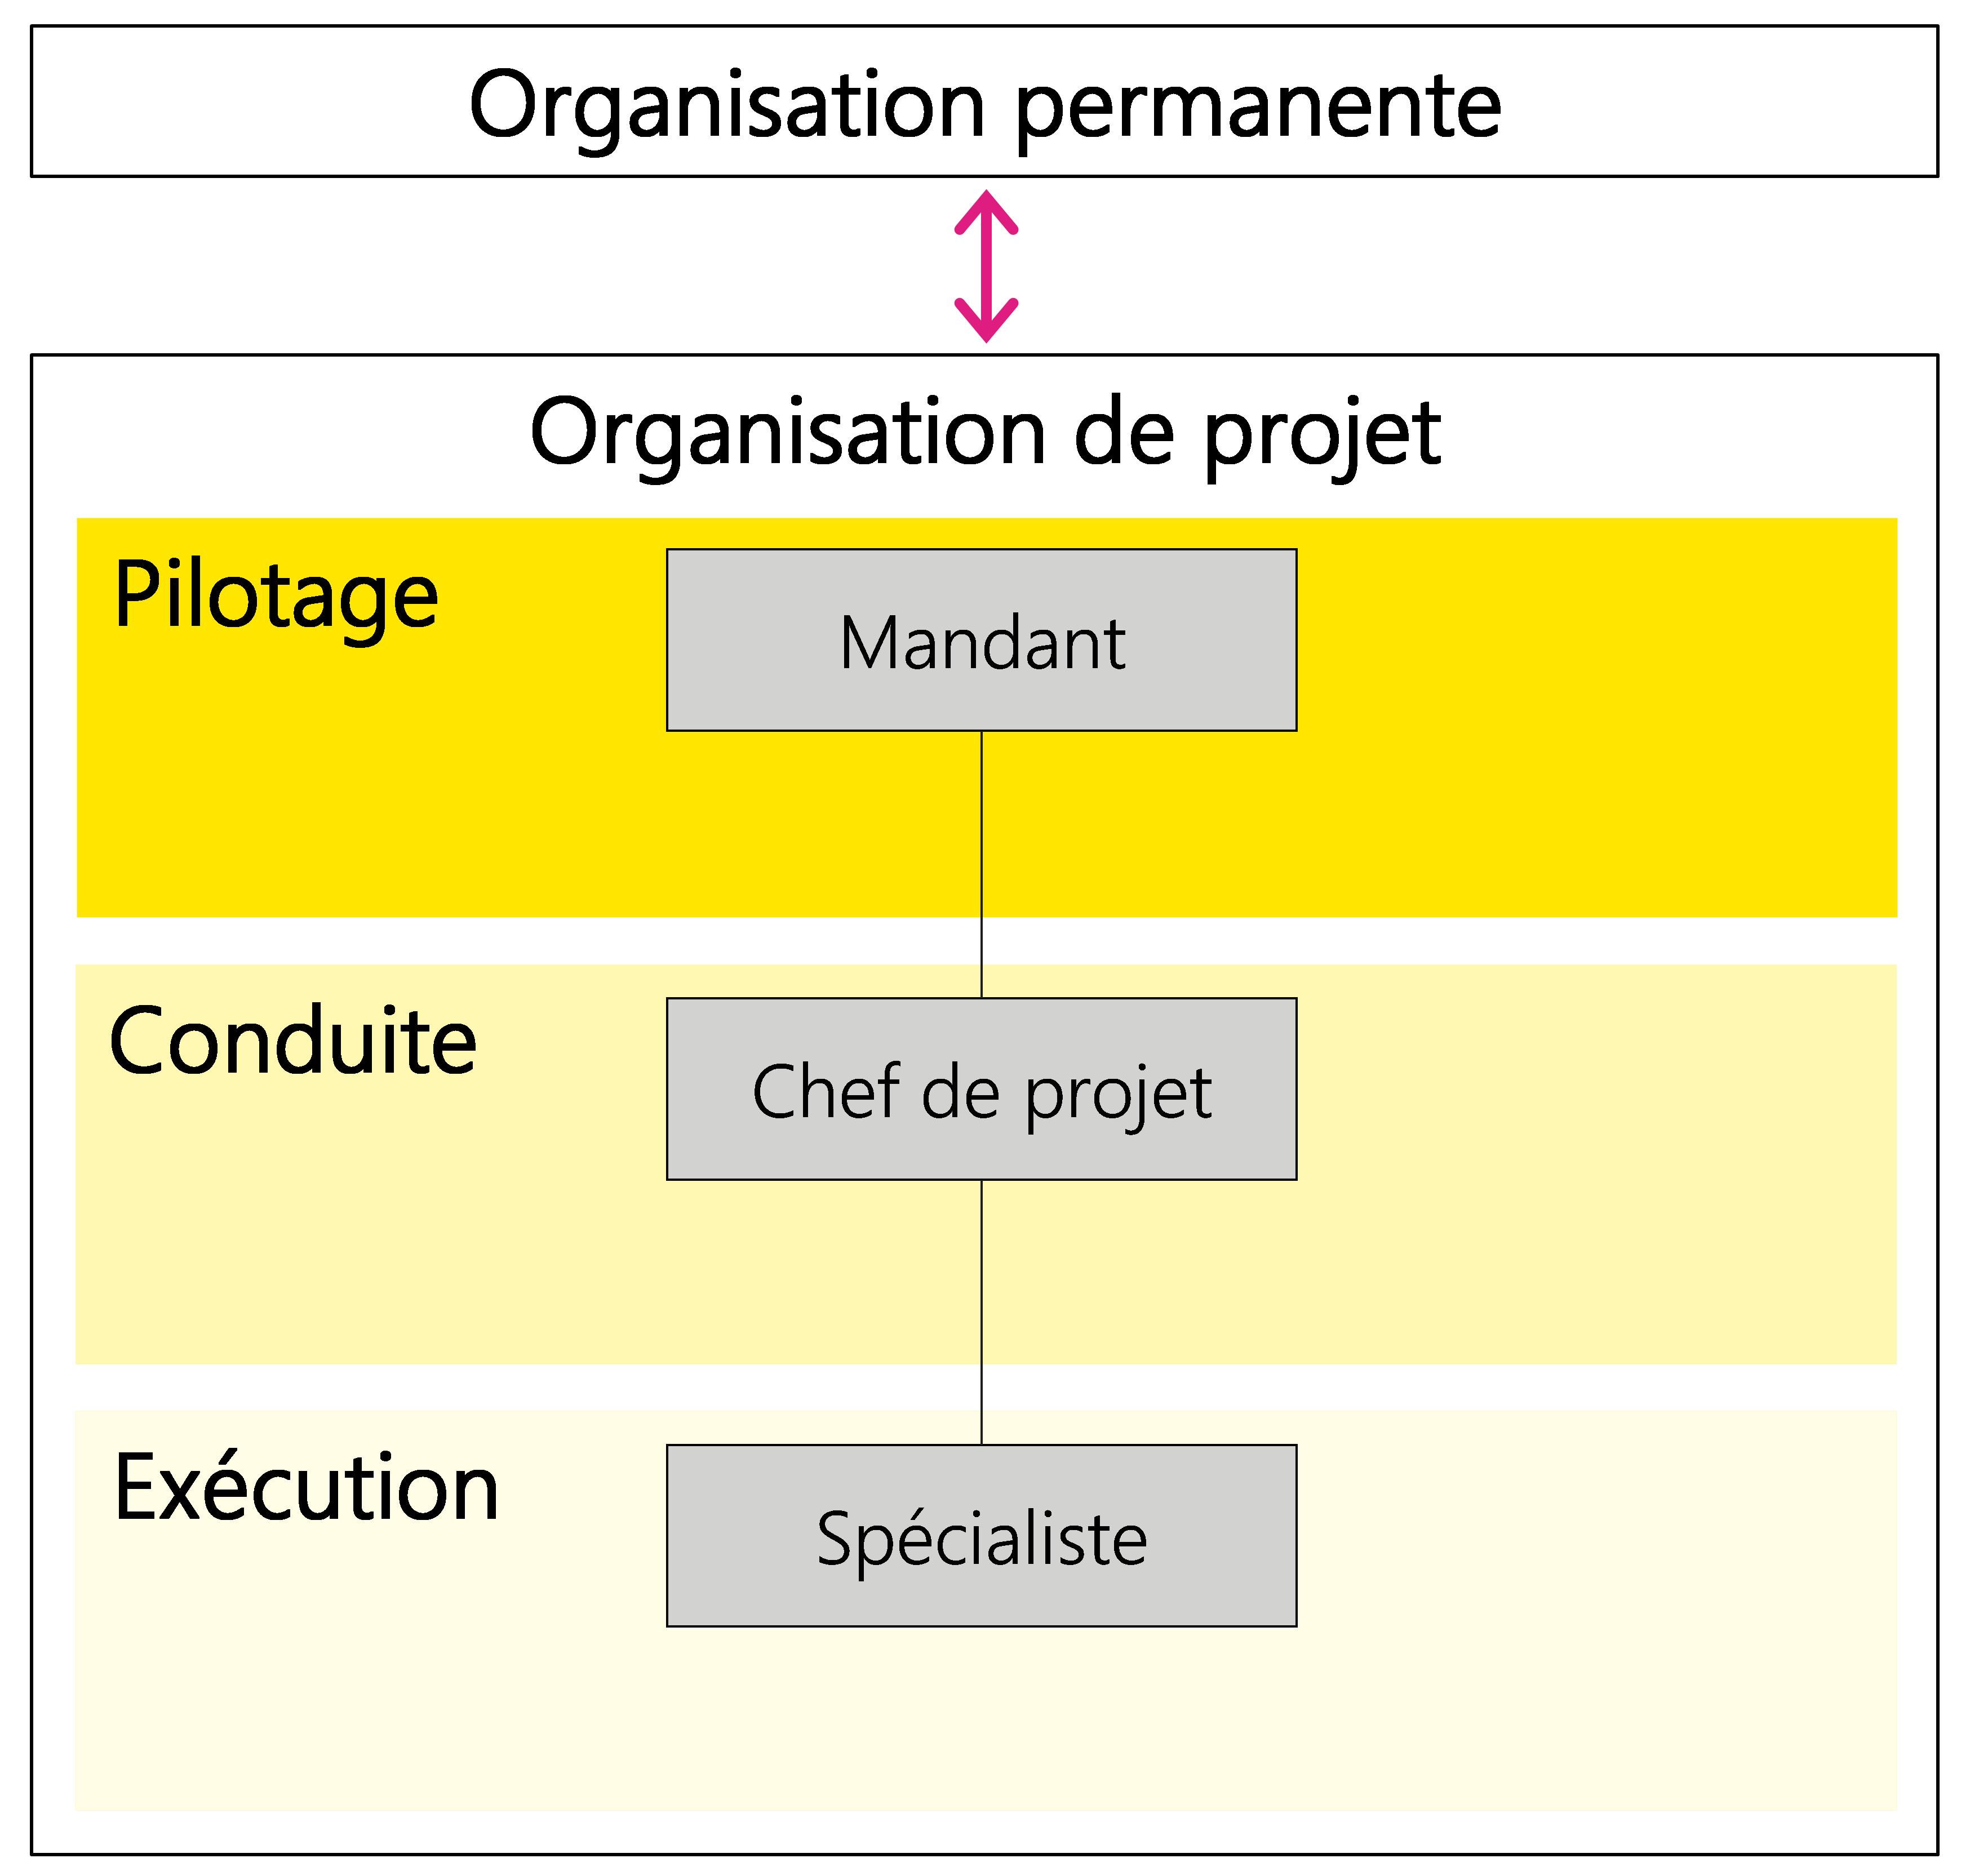 Figure 4: Relation entre l'organisation permanente et l'organisation de projet